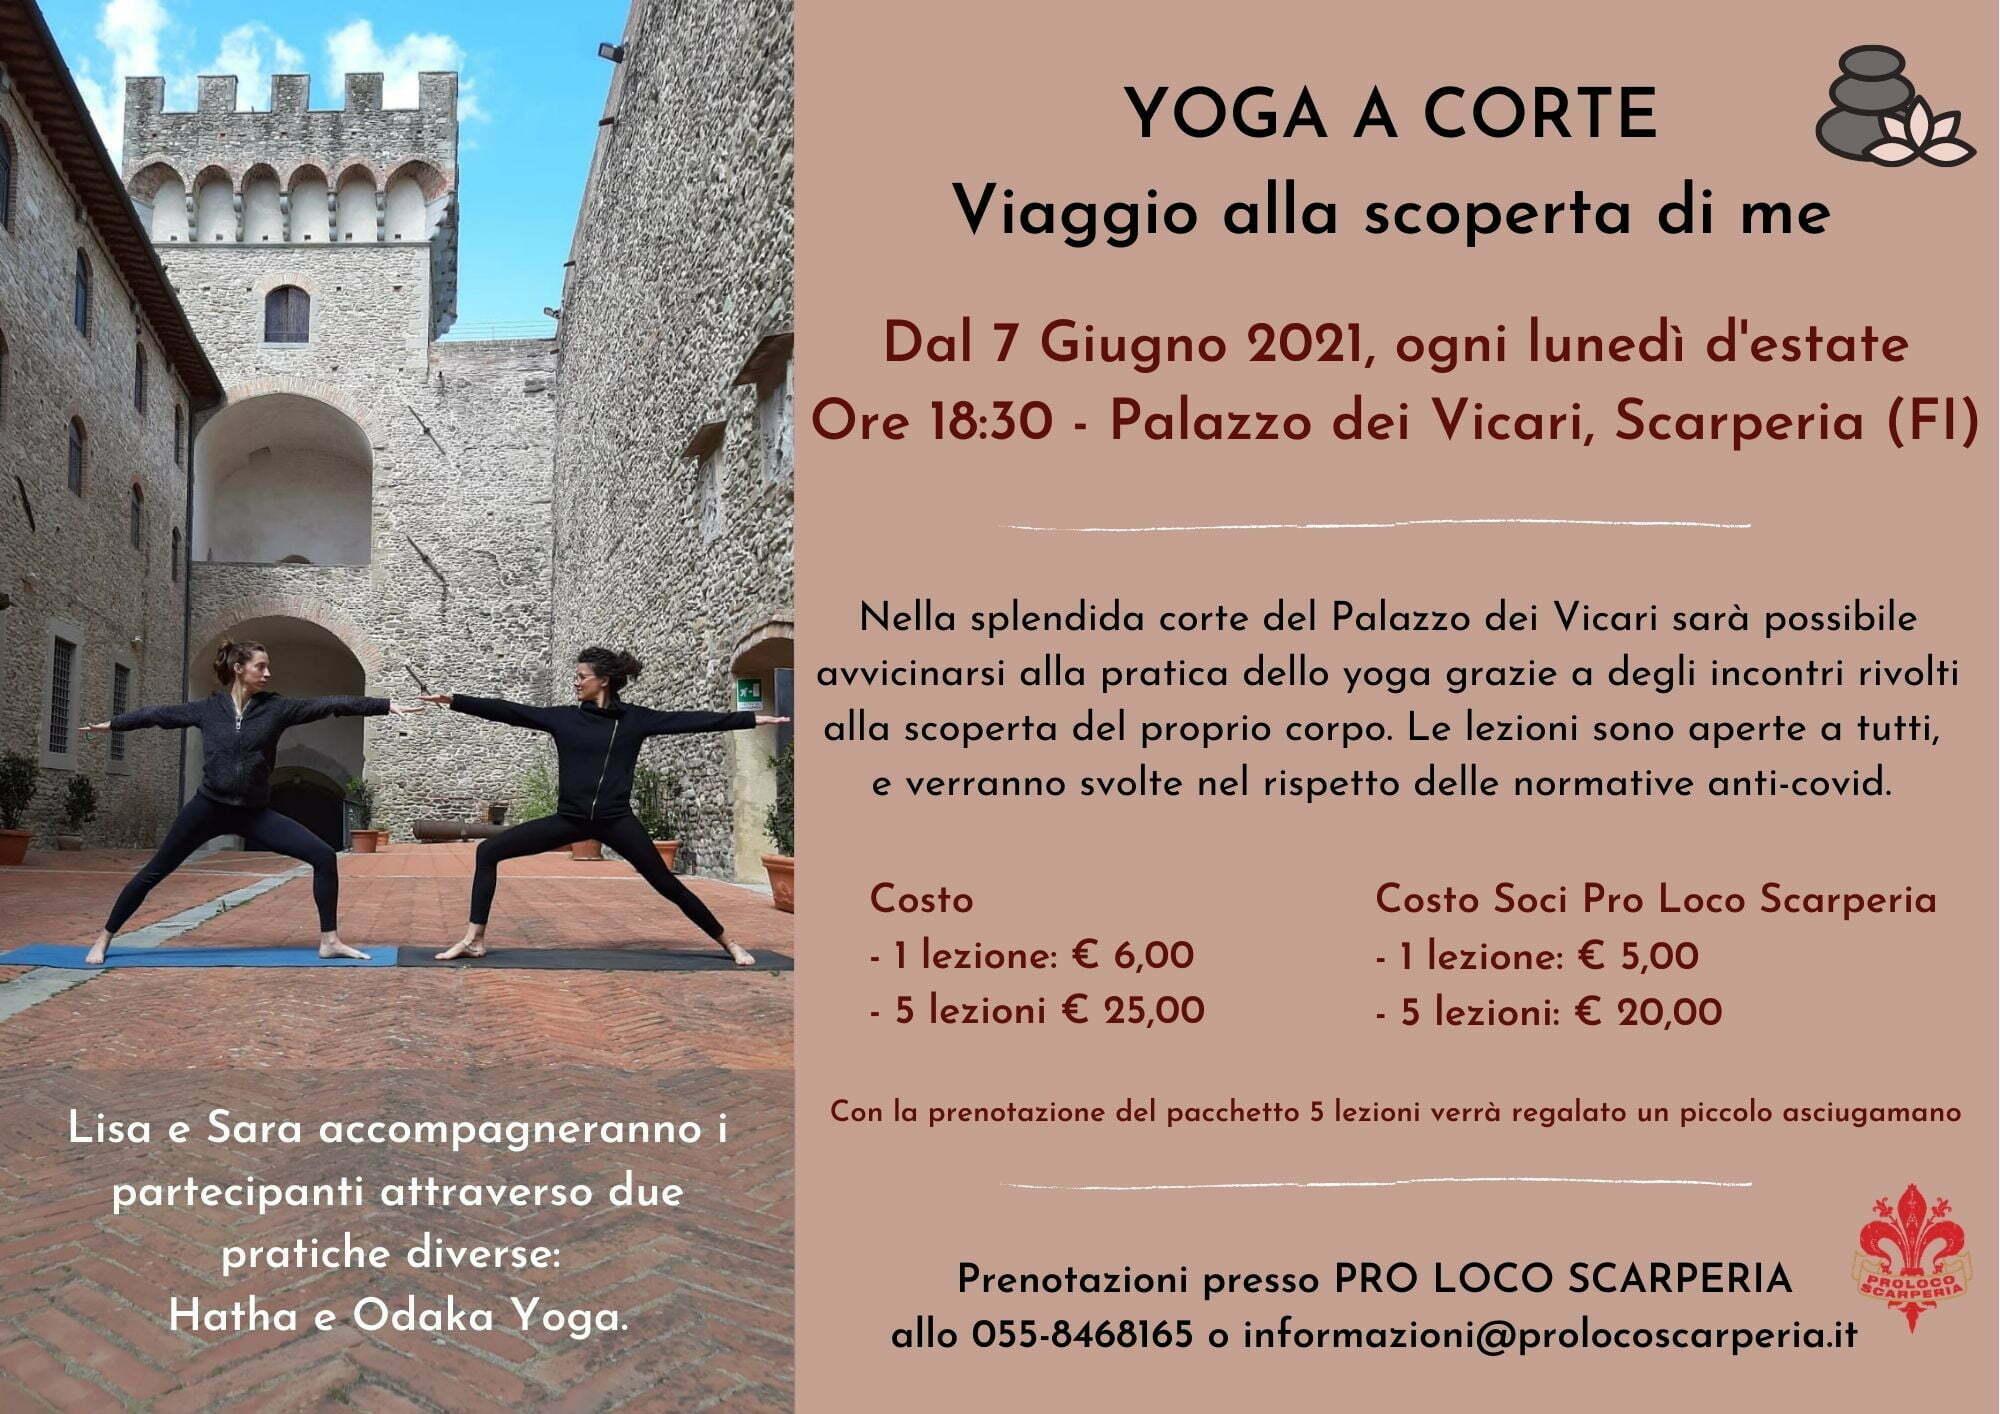 Yoga a Corte Viaggio alla scoperta di me